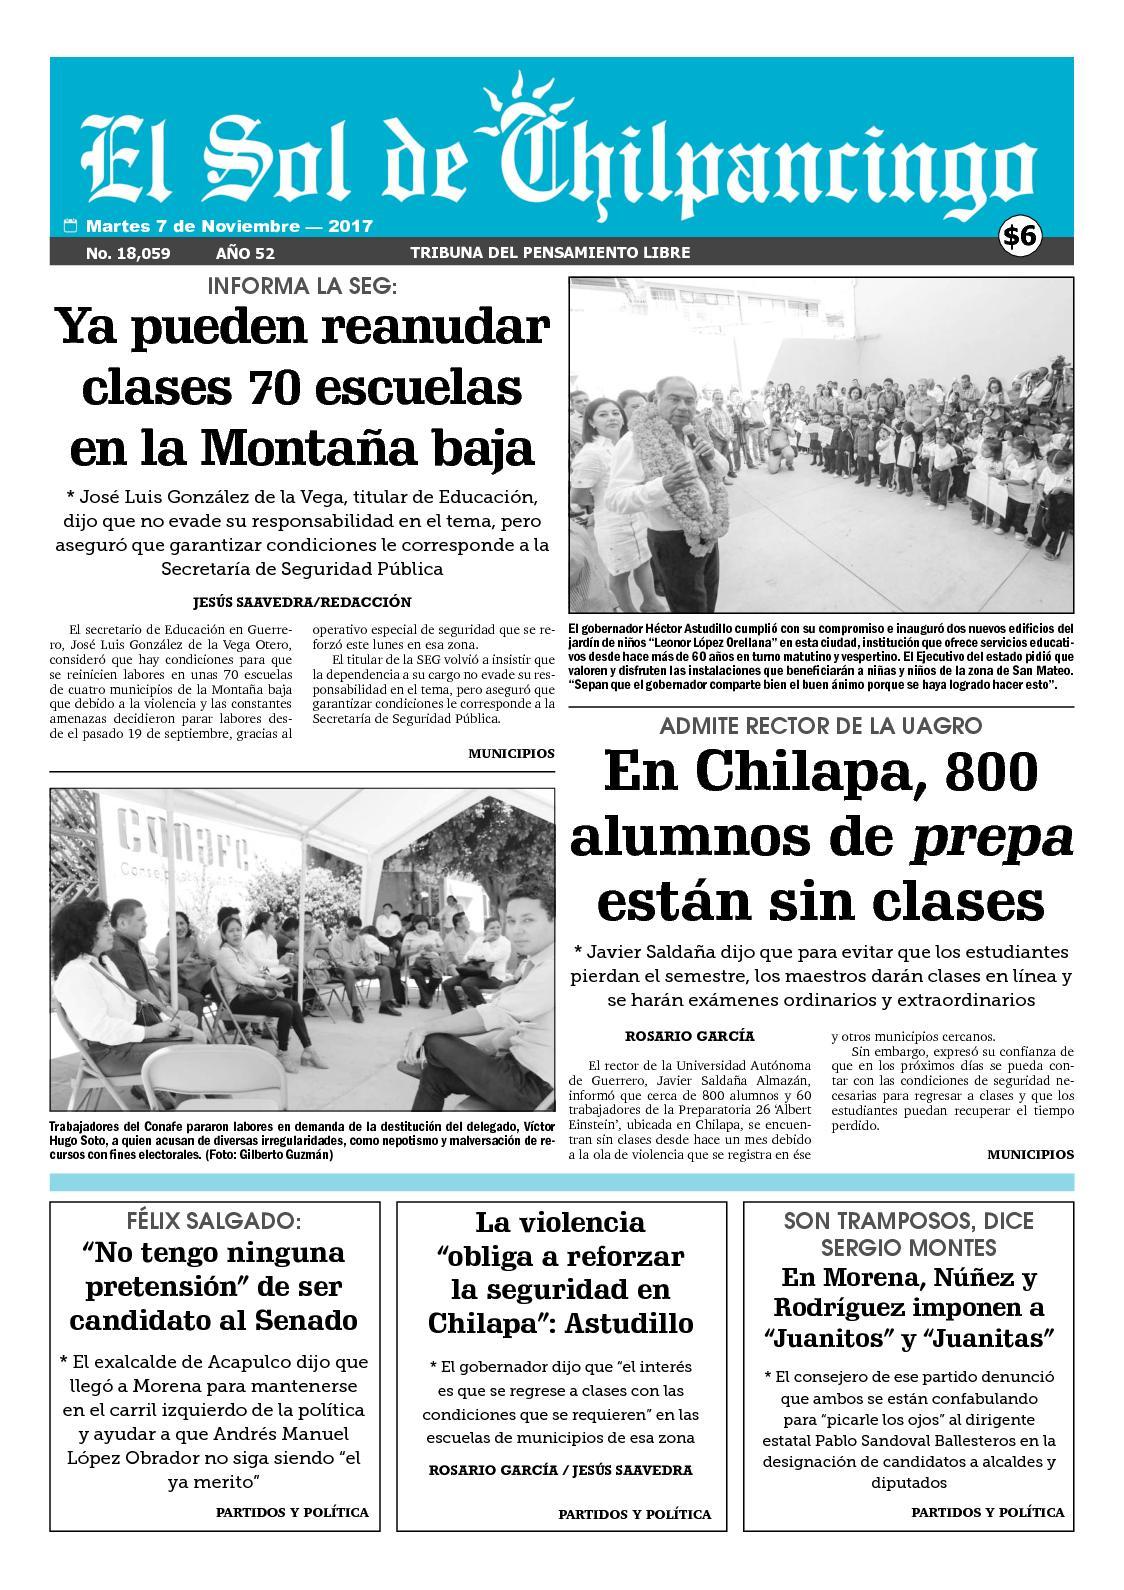 Calaméo - Sol de Chilpancingo - 07 de Noviembre de 2017